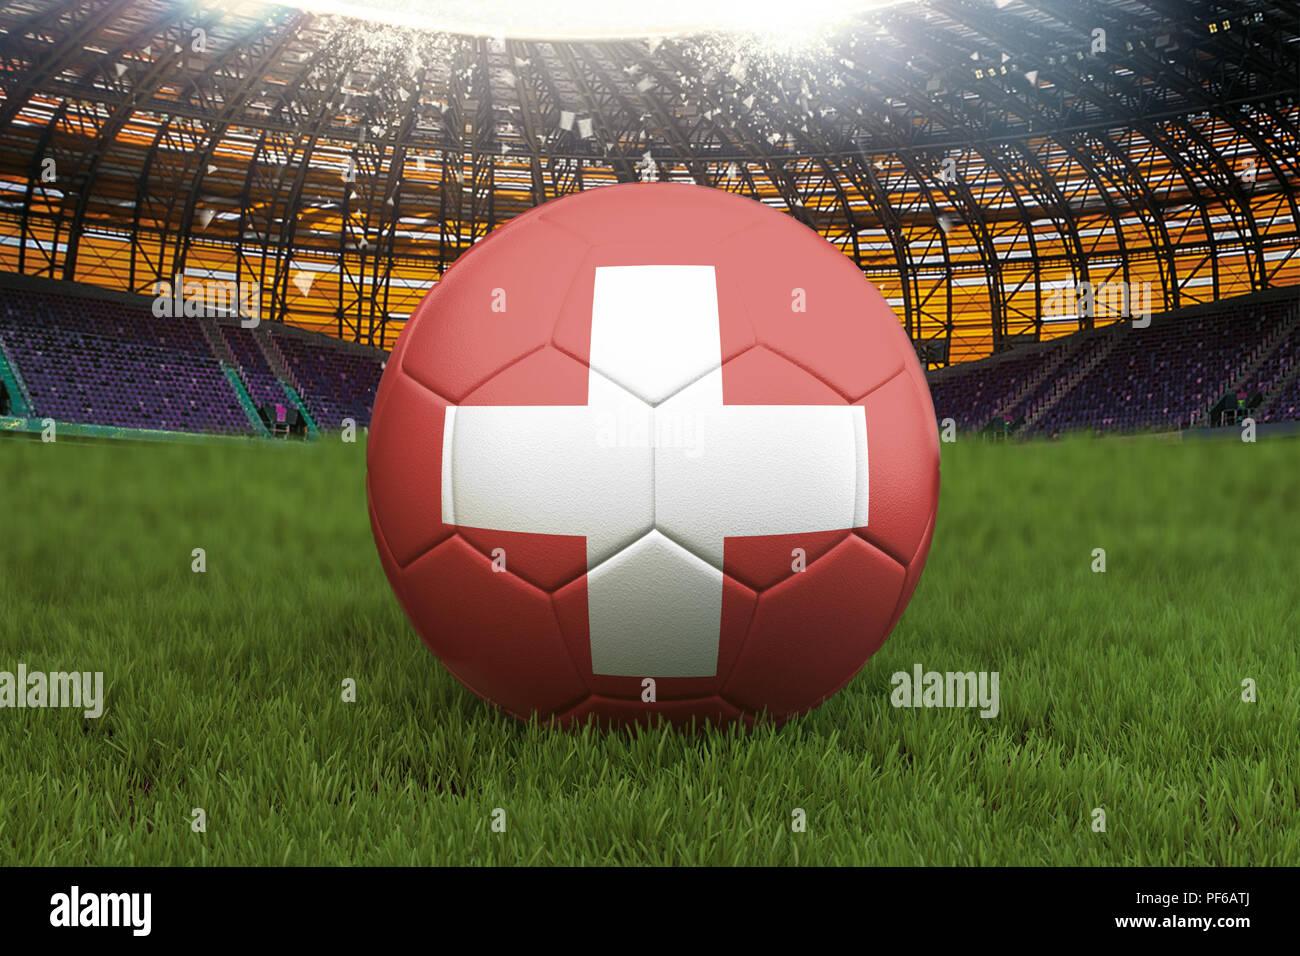 Schweiz Fussball Kugel Auf Grosse Stadion Hintergrund Schweiz